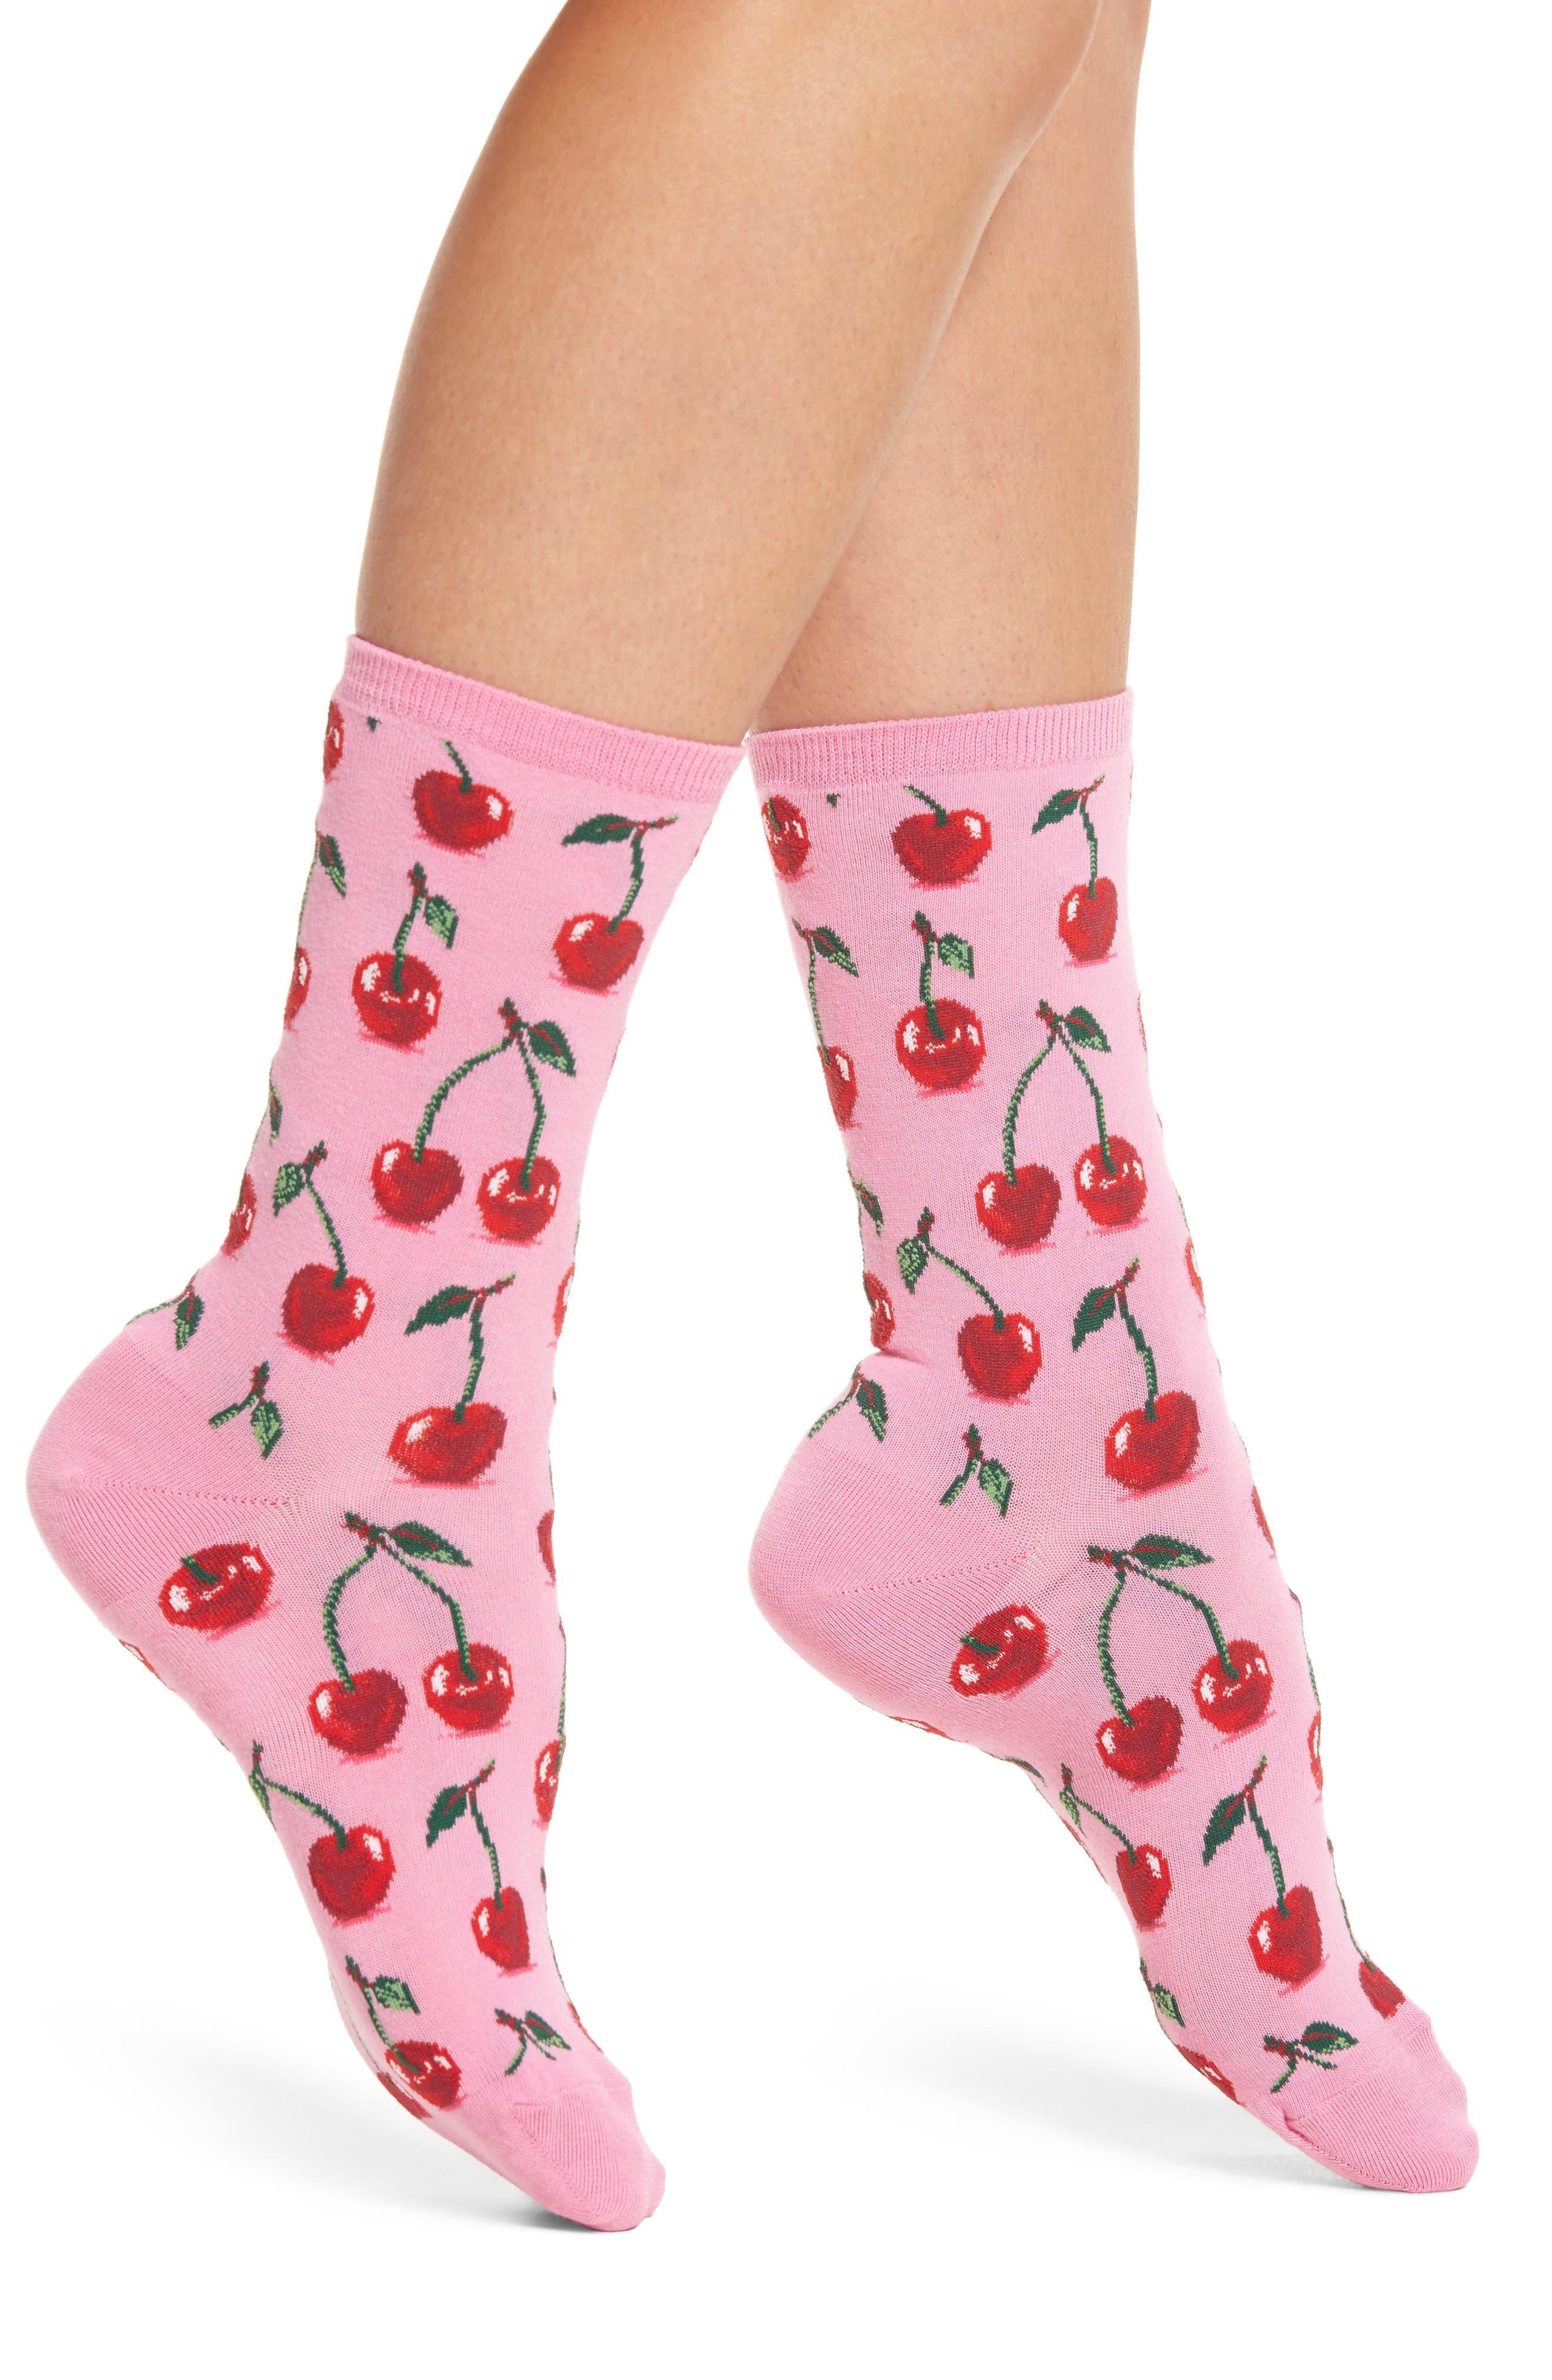 Hot Sox Cherries Crew Socks (3 for $15)